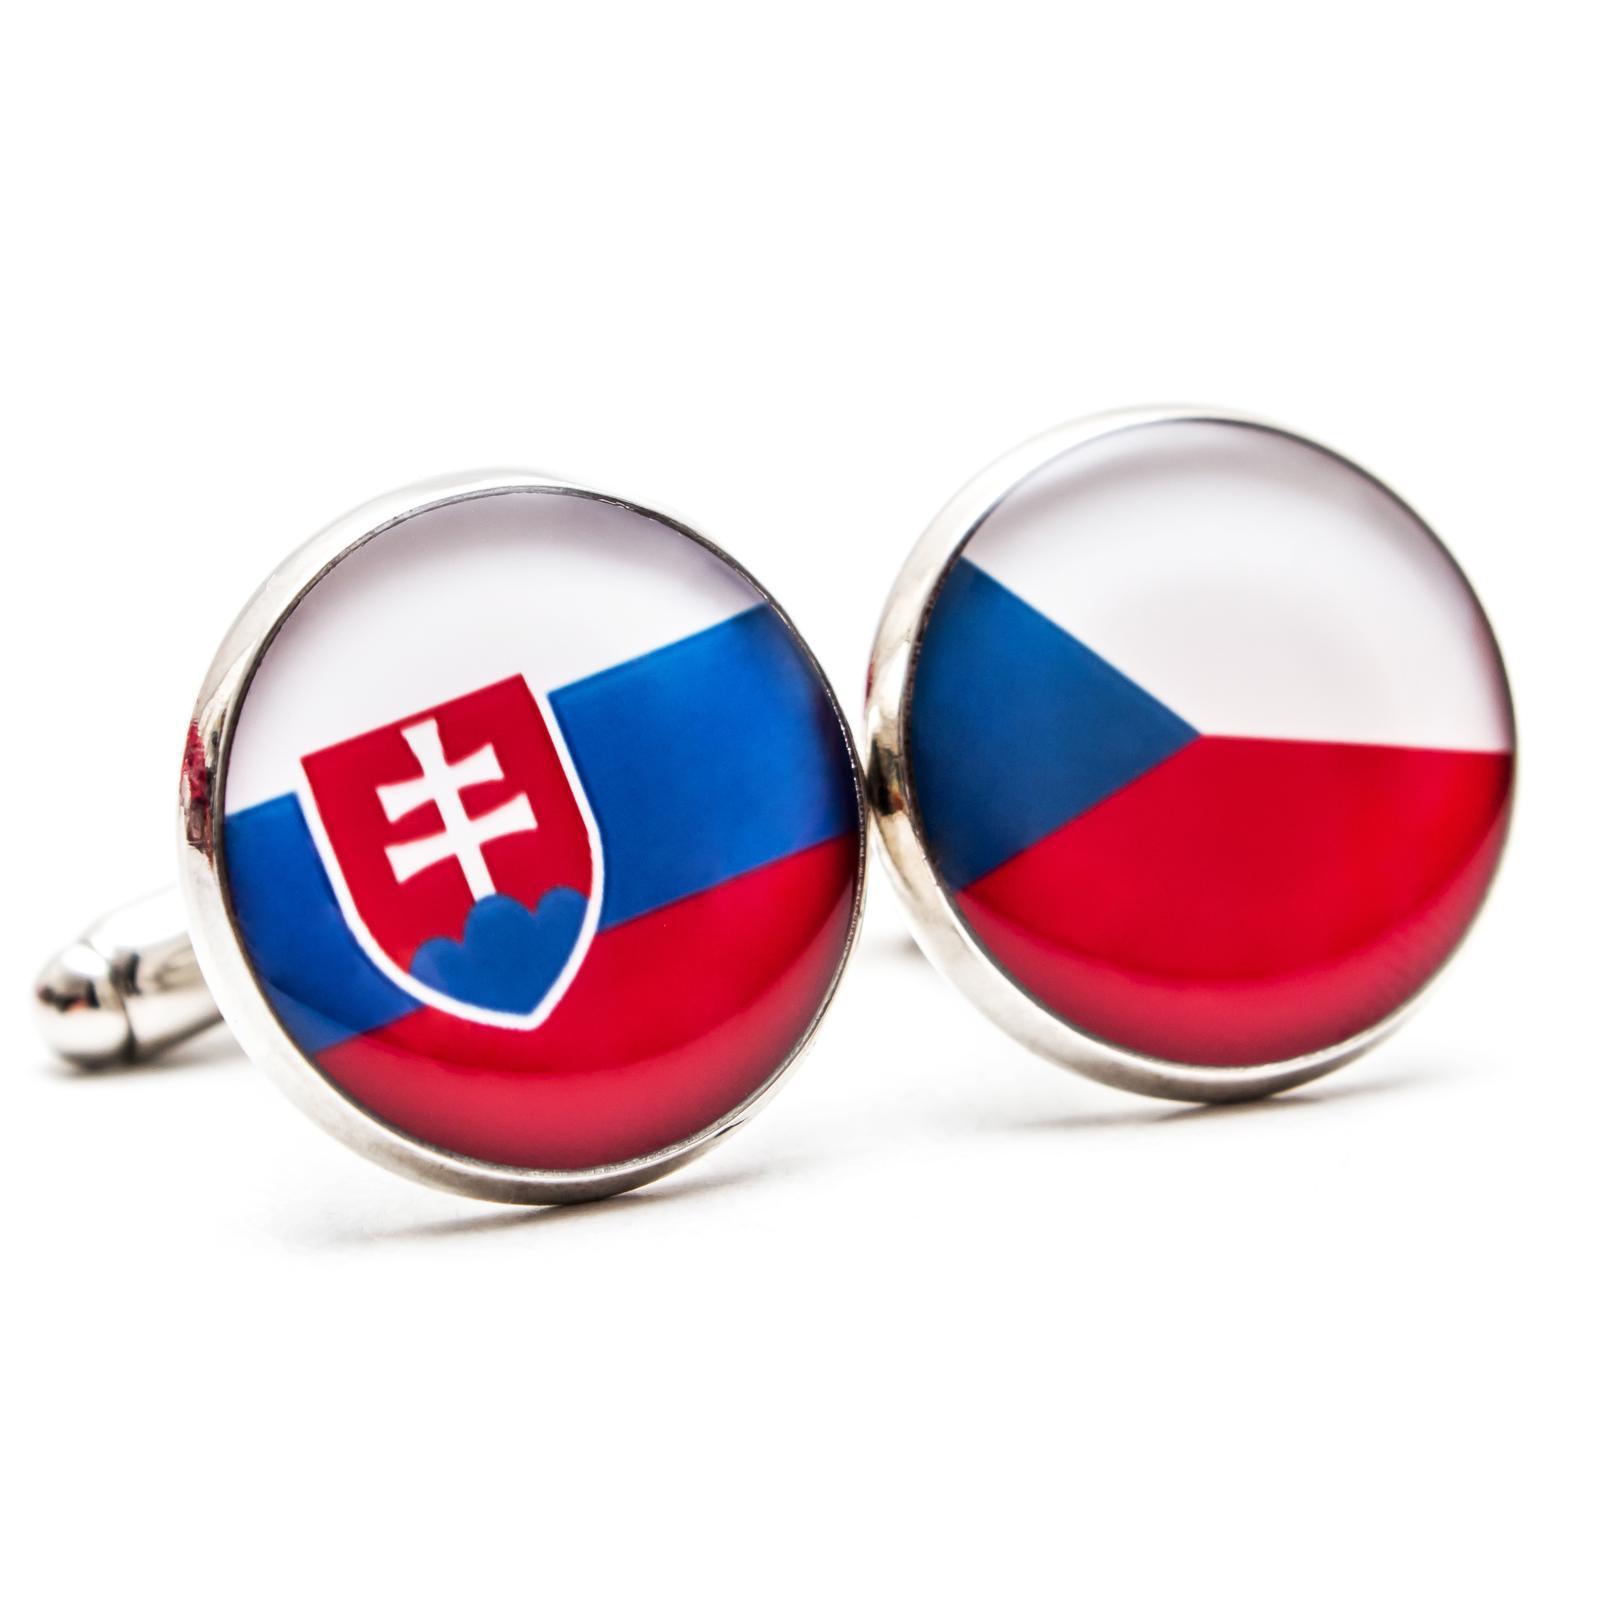 ♥  Manžetové gombíky na mieru - presne podľa Tvojich predstáv ♥ - Slovensko-české